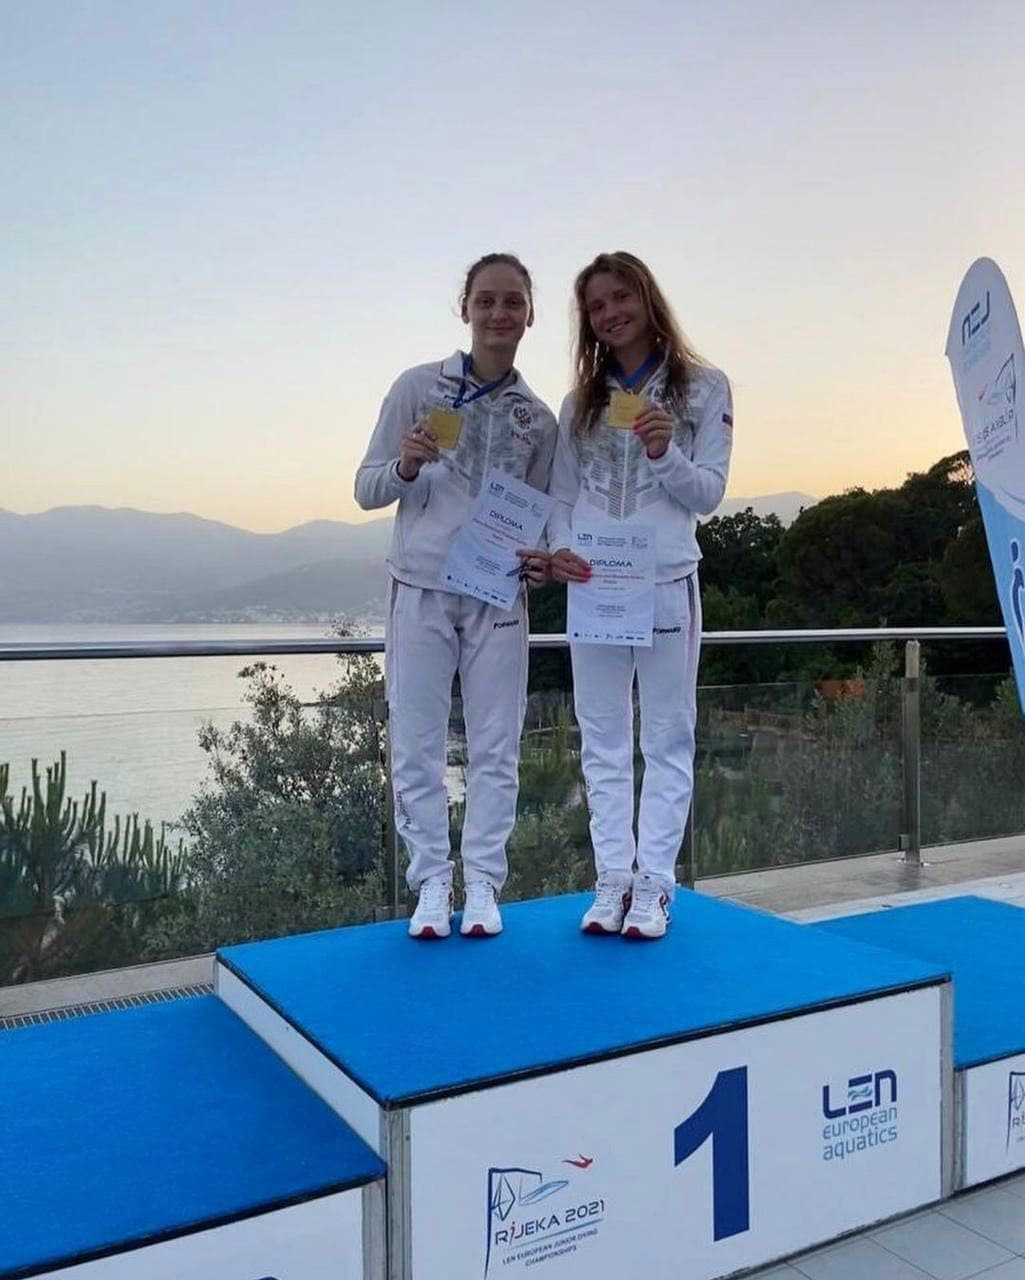 Подмосковная спортсменка победила на первенстве Европы по прыжкам в воду